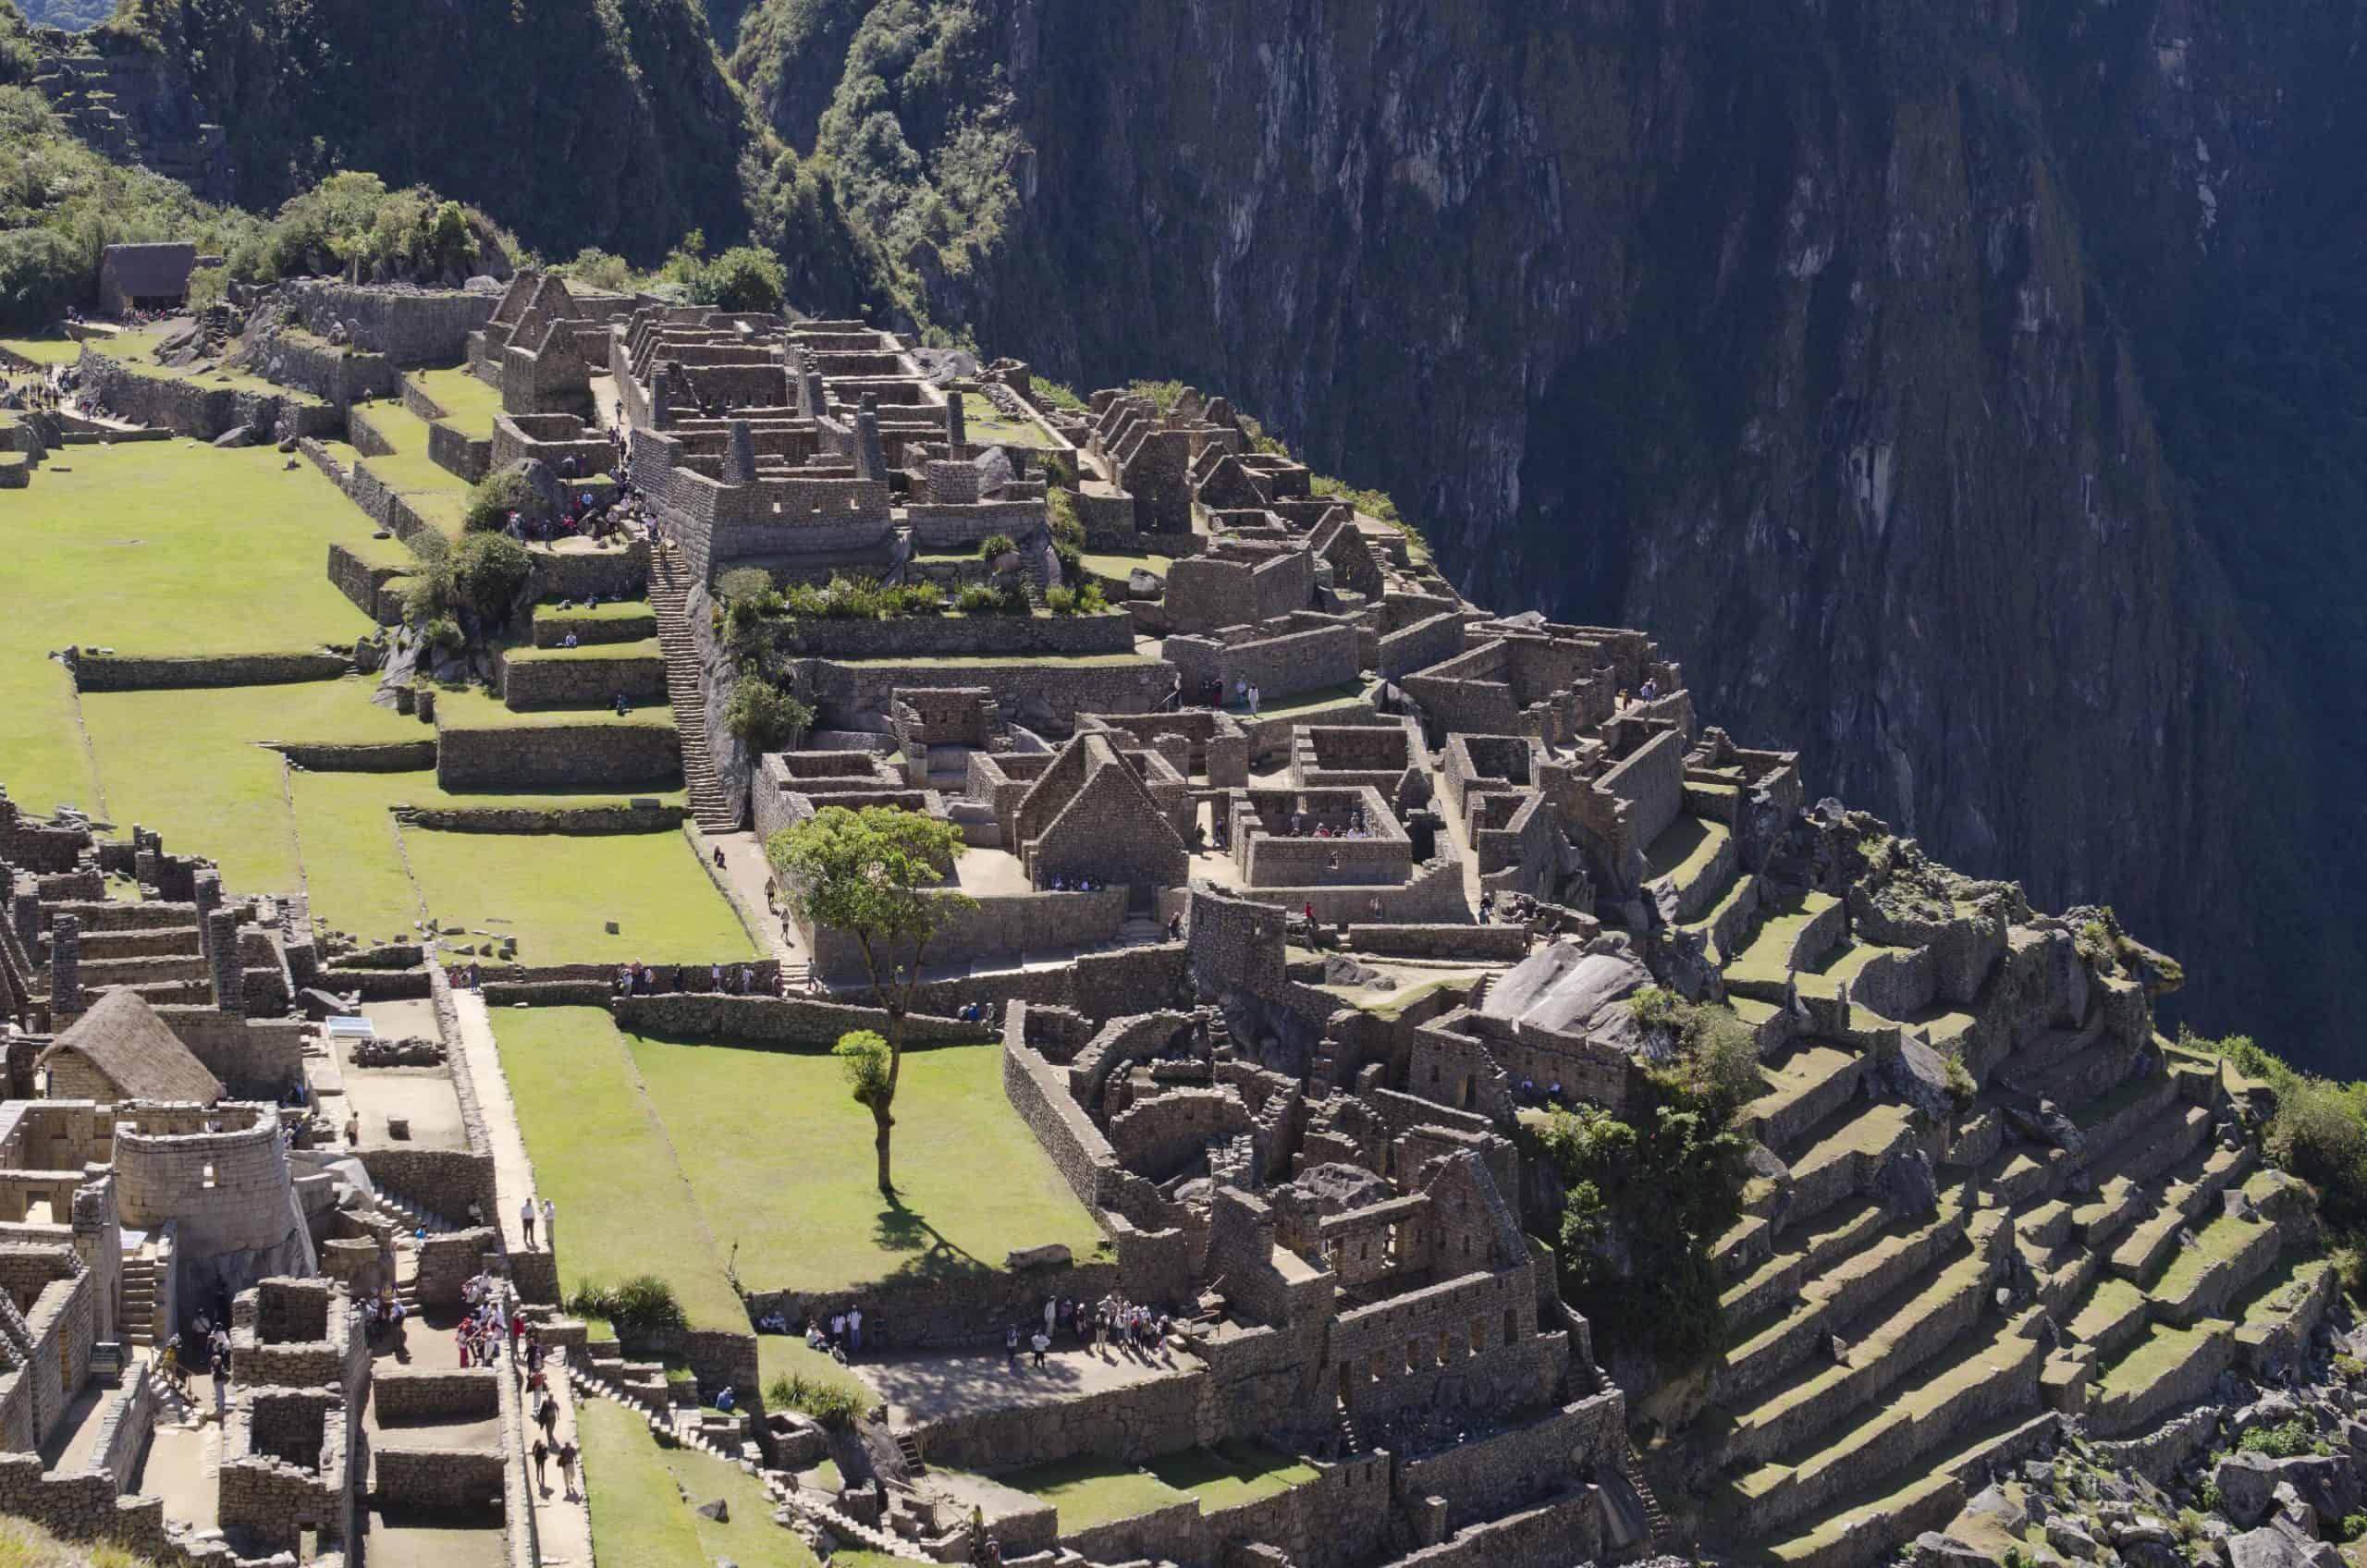 Vista de la Zona de los Morteros y el Grupo de las Tres Portadas en la Ciudadela de Machu Picchu.